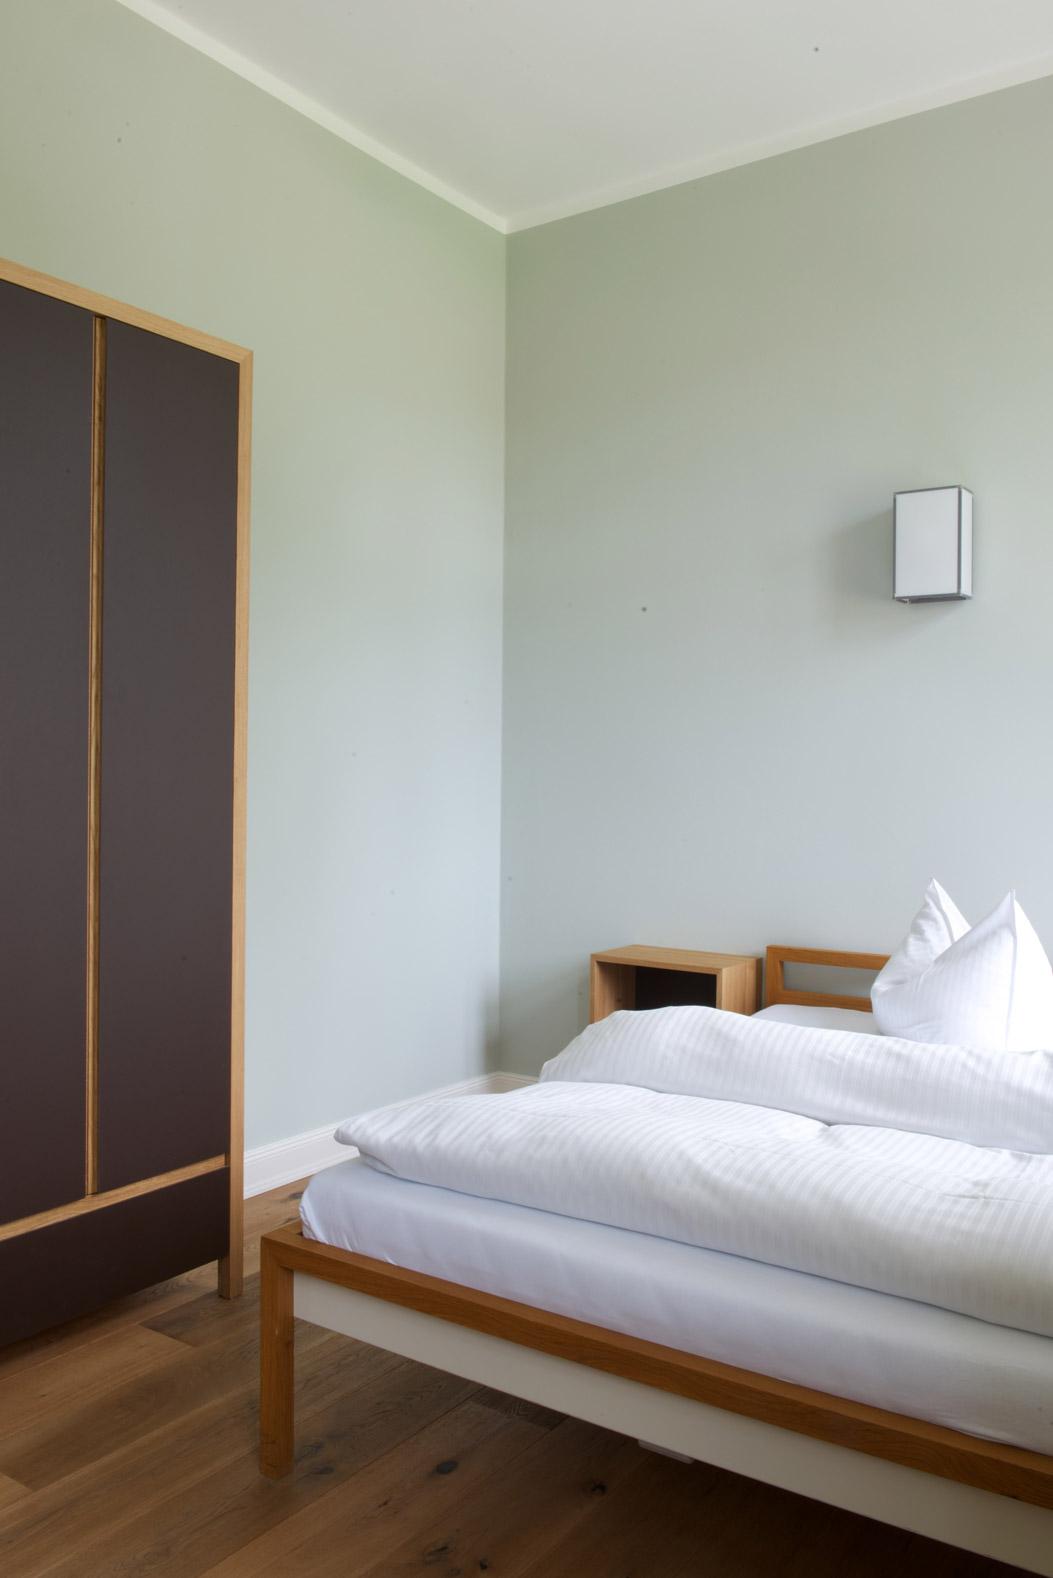 Herrenhaus Möbel möbel herrenhaus gut siggen architektur möbel cattau